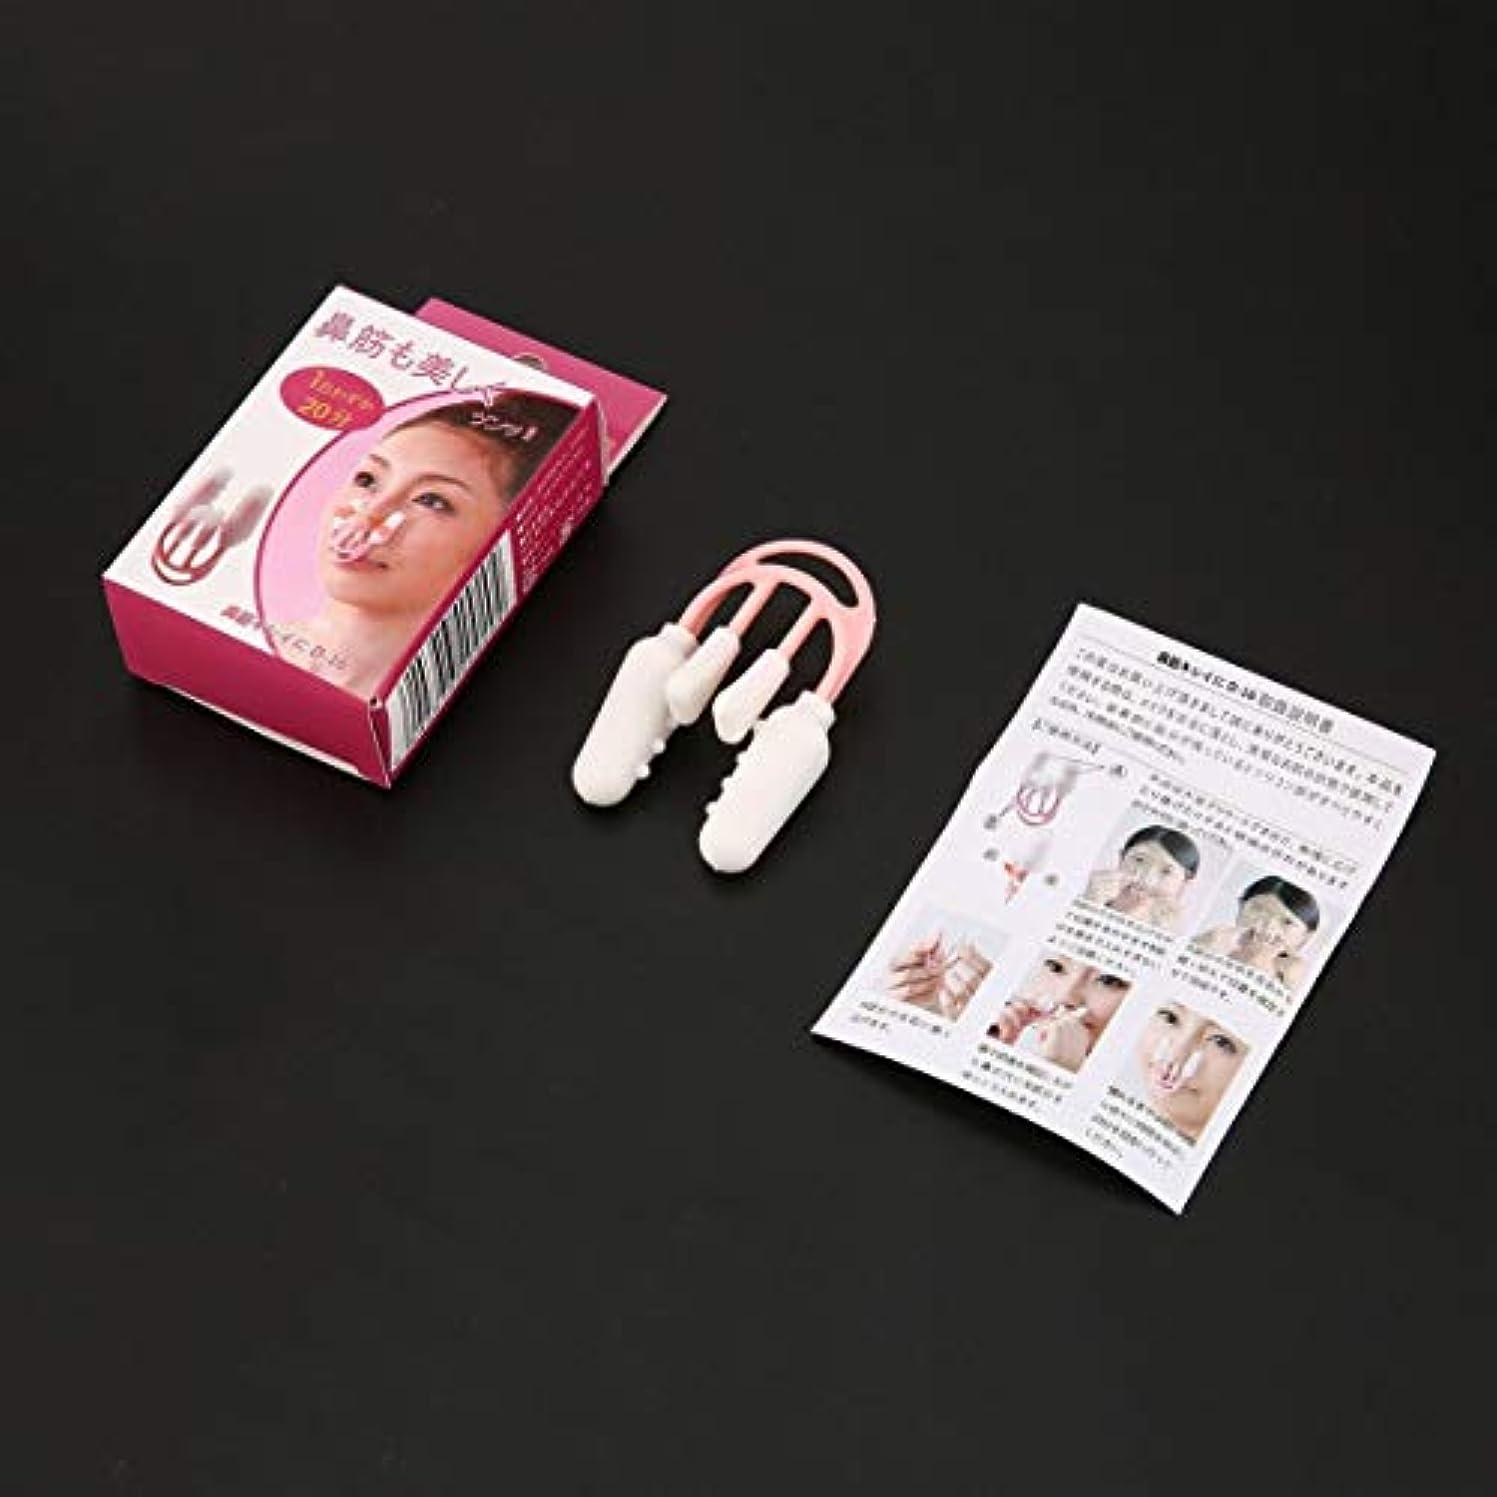 誰でも西部ルームノーズアップリフティングシェイピングシェイパークリップノーズクリッパーブリッジ矯正鼻コレクター鼻マッサージャーメイクアップ美容ツール - ホワイト&ピンク